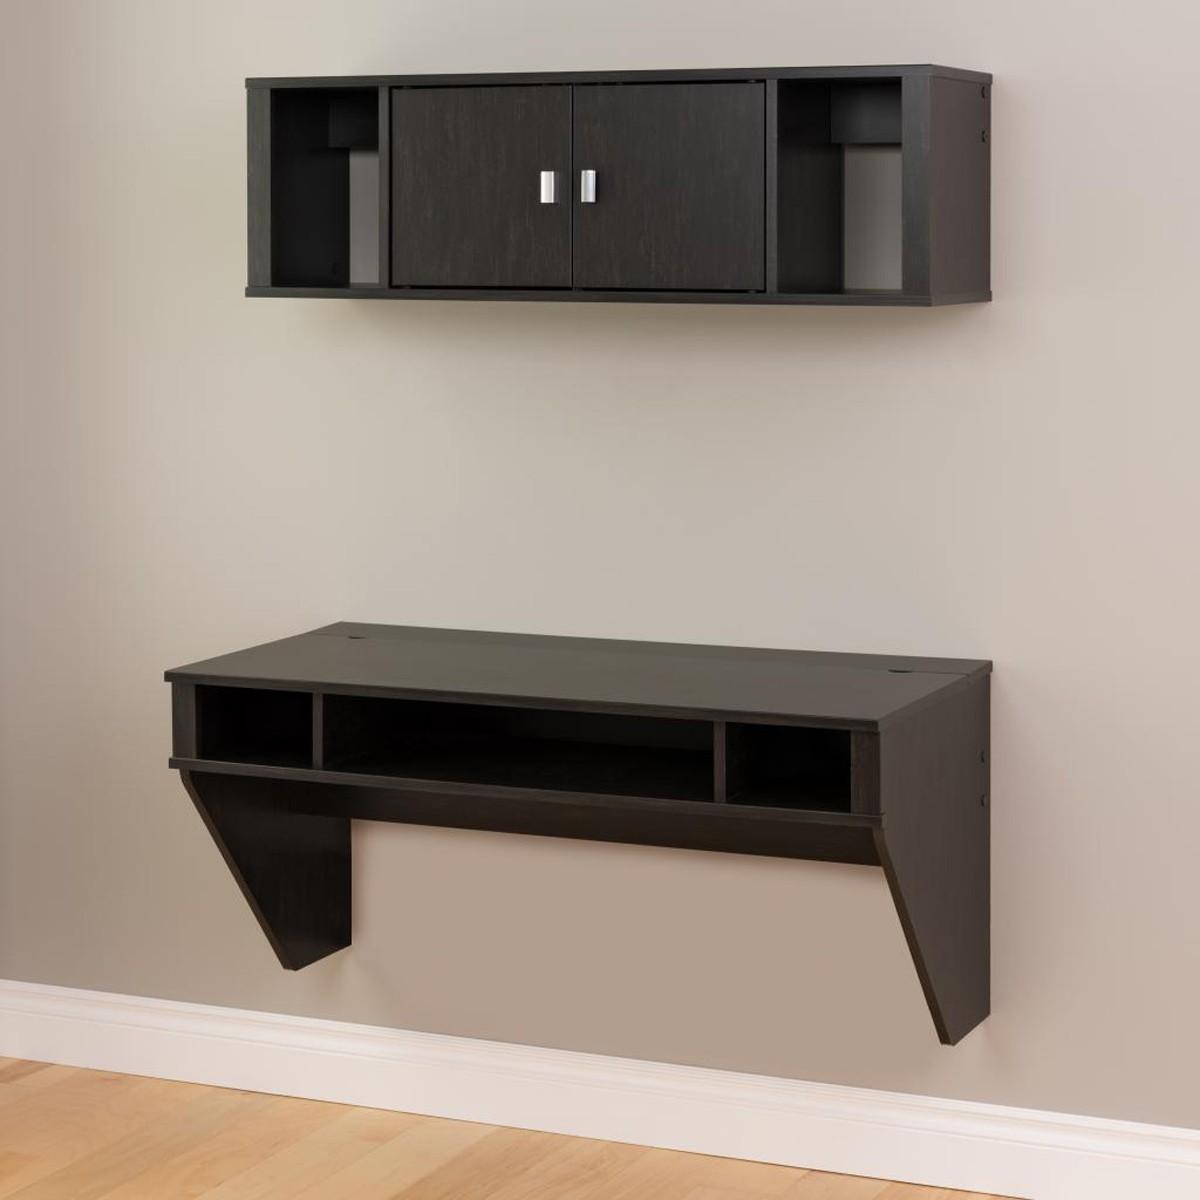 Prepac Designer Floating Desk and Hutch Set - Washed Black